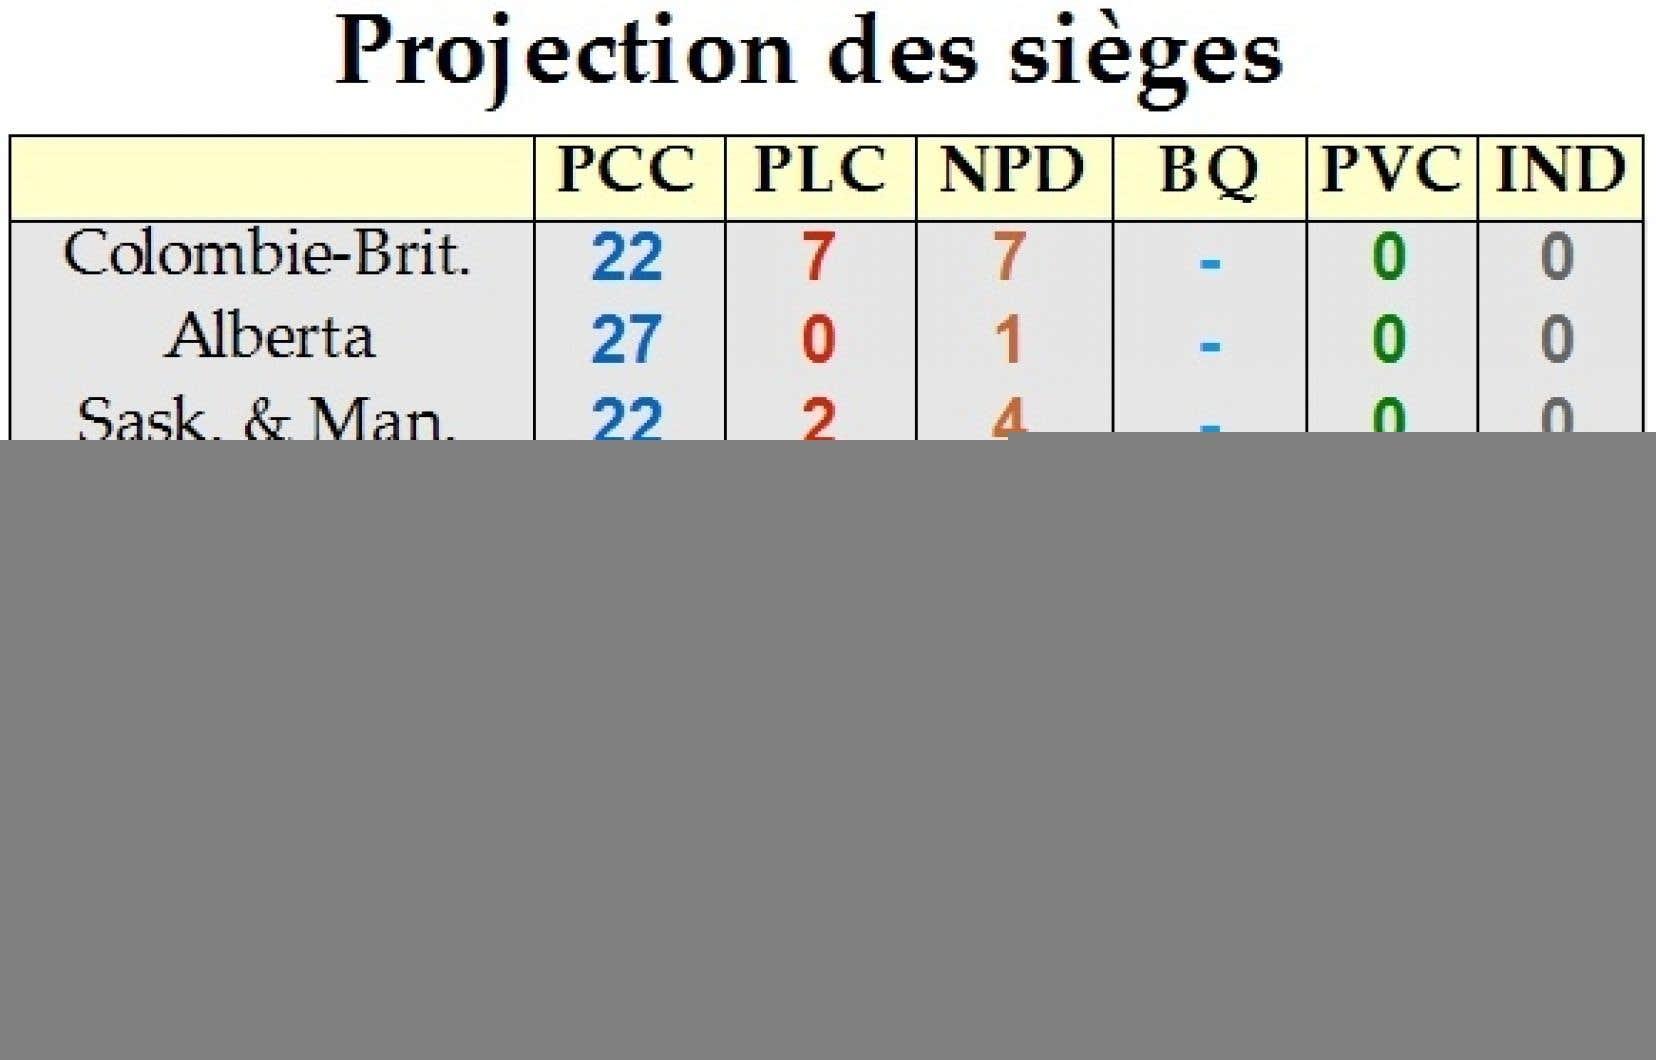 Projection du nombre de sièges par parti et par provinces